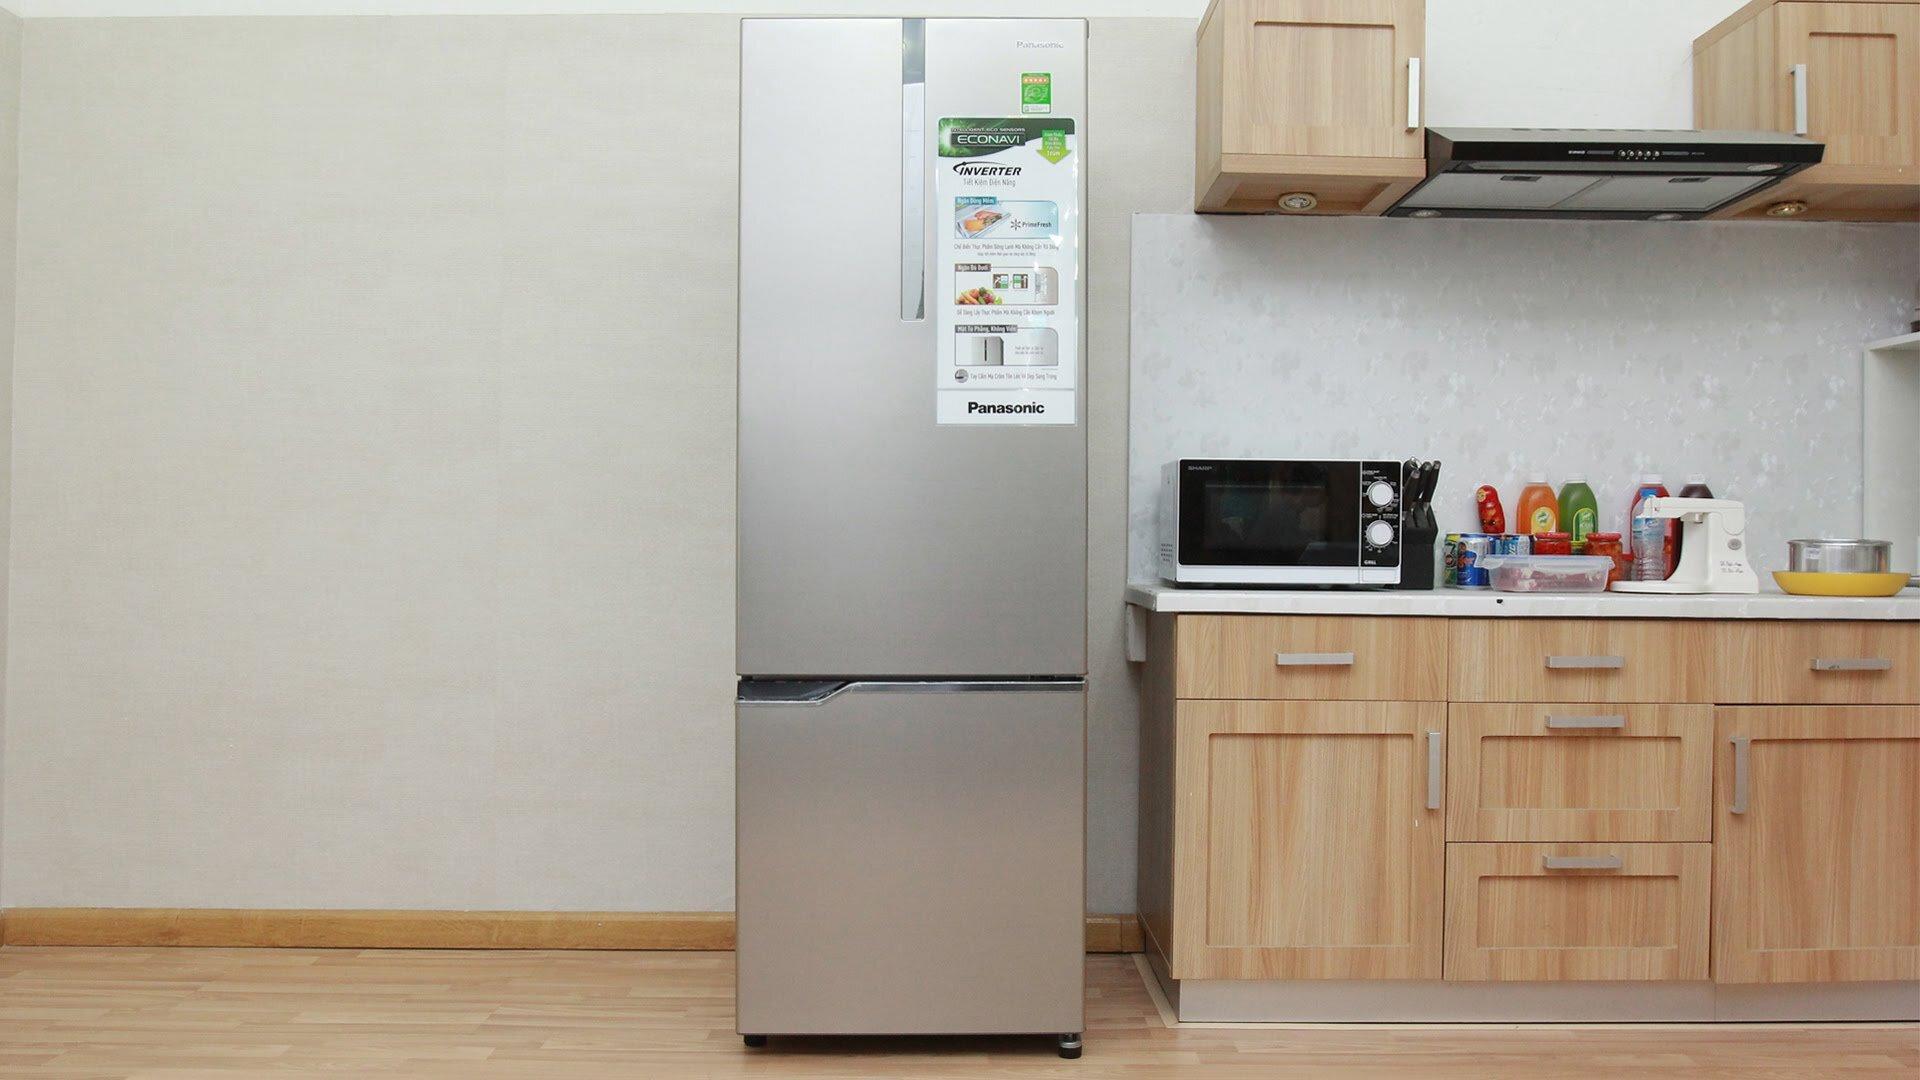 Panasonic NR-BV288QSVN Inverter 255L được áp dụng công nghệ Inverter, là một trong những tủ lạnh giá rẻ tiết kiệm điện nhất hiện nay.